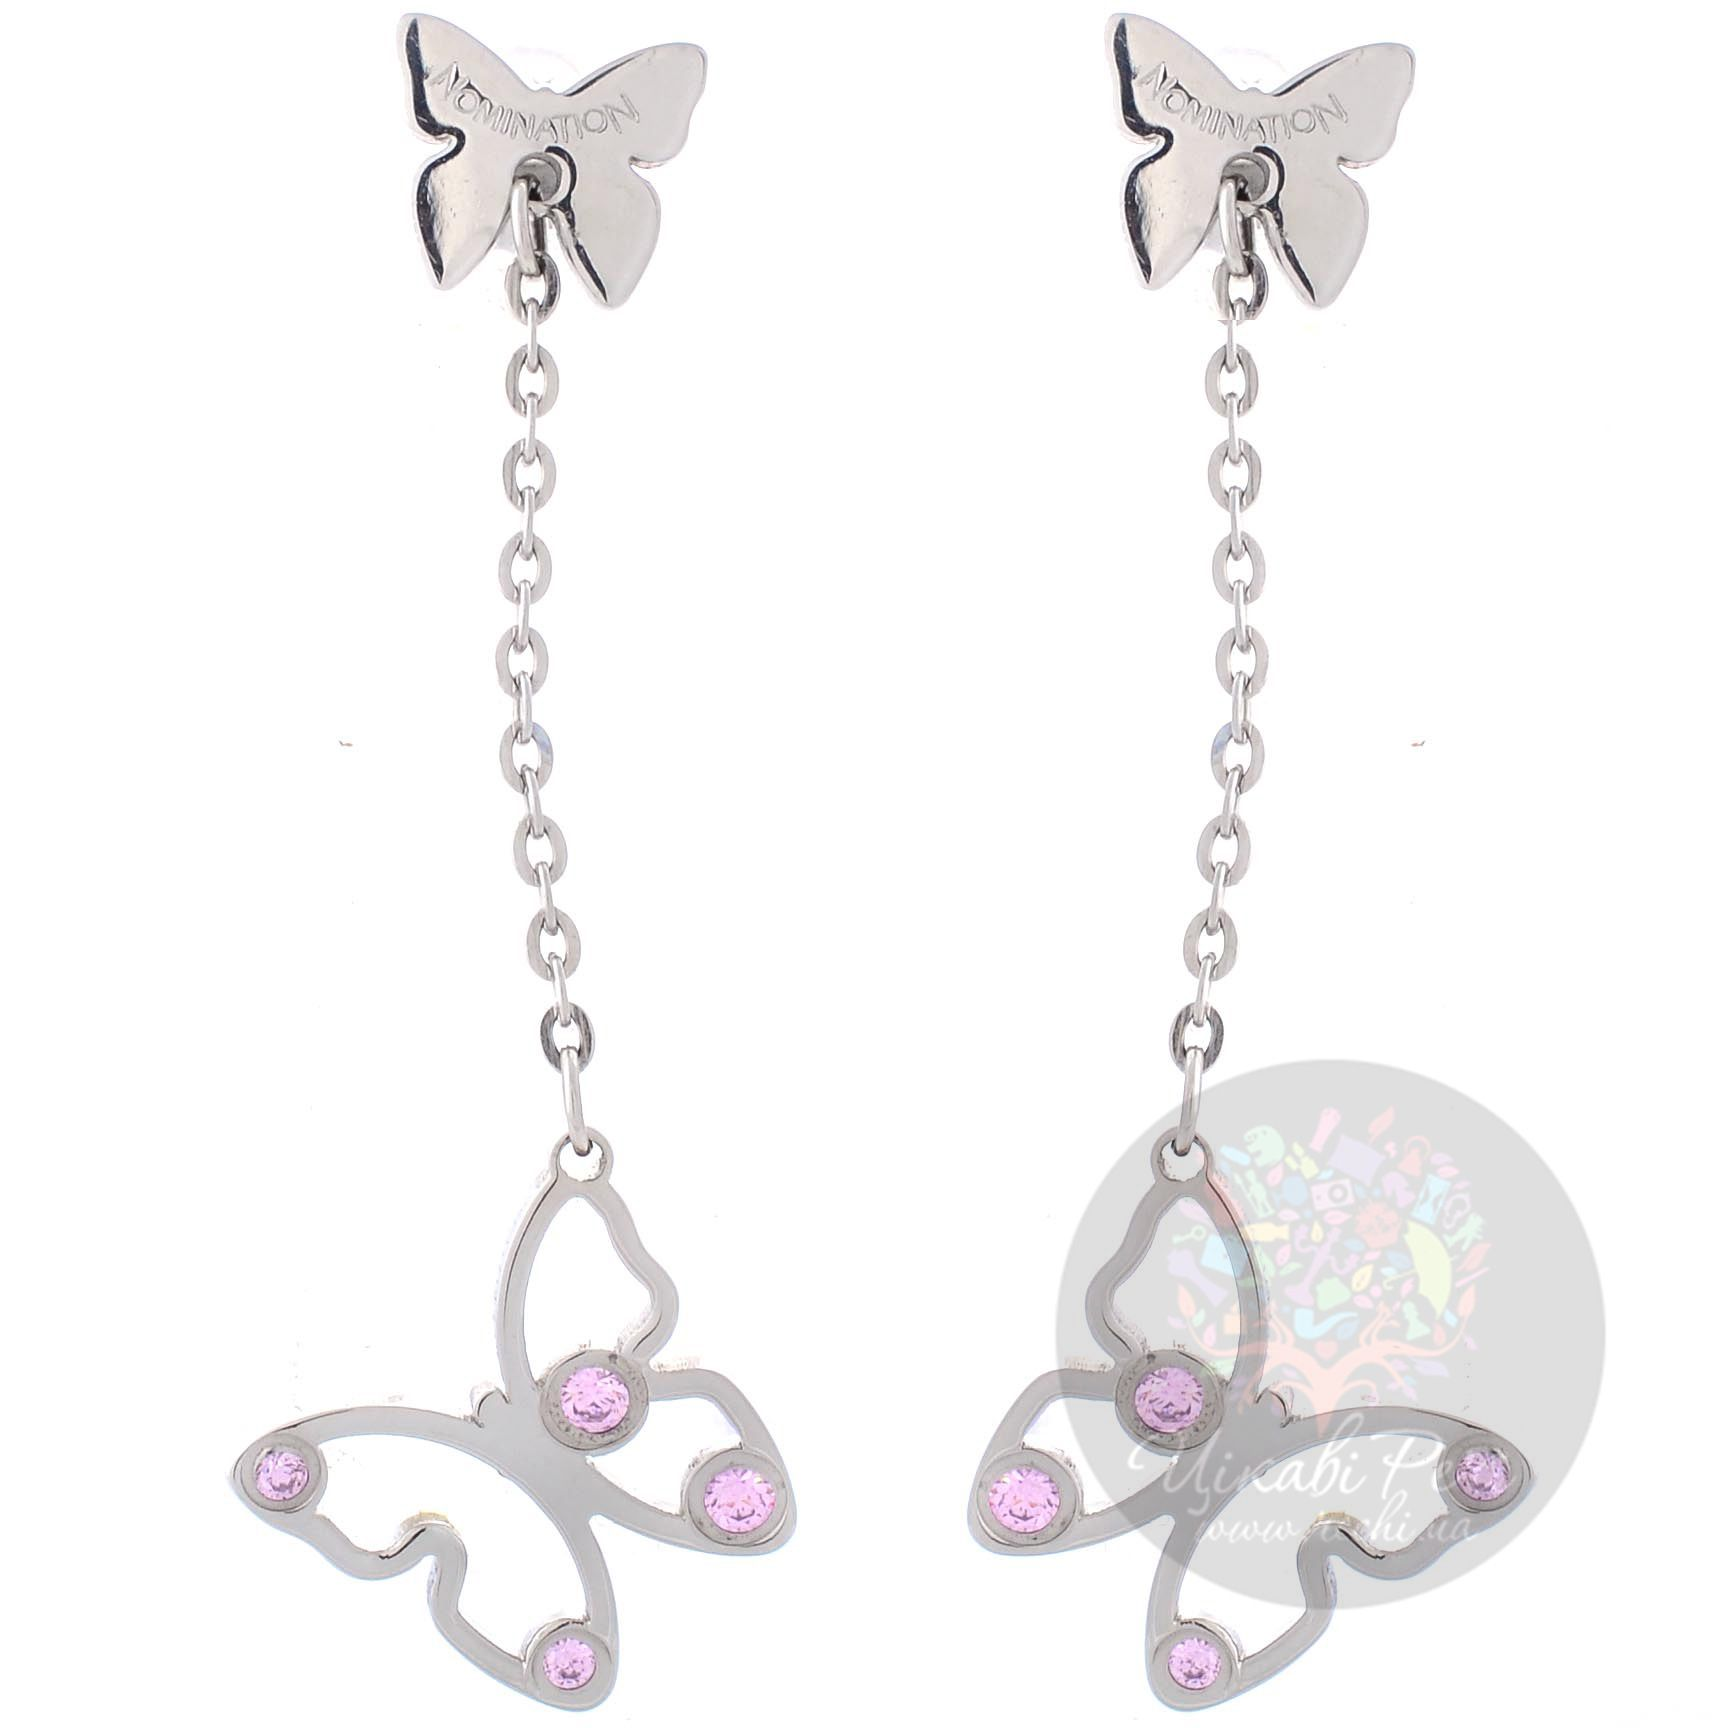 Длинные серьги-пусеты Nomination Butterfly с розовыми цирконами Swarovski